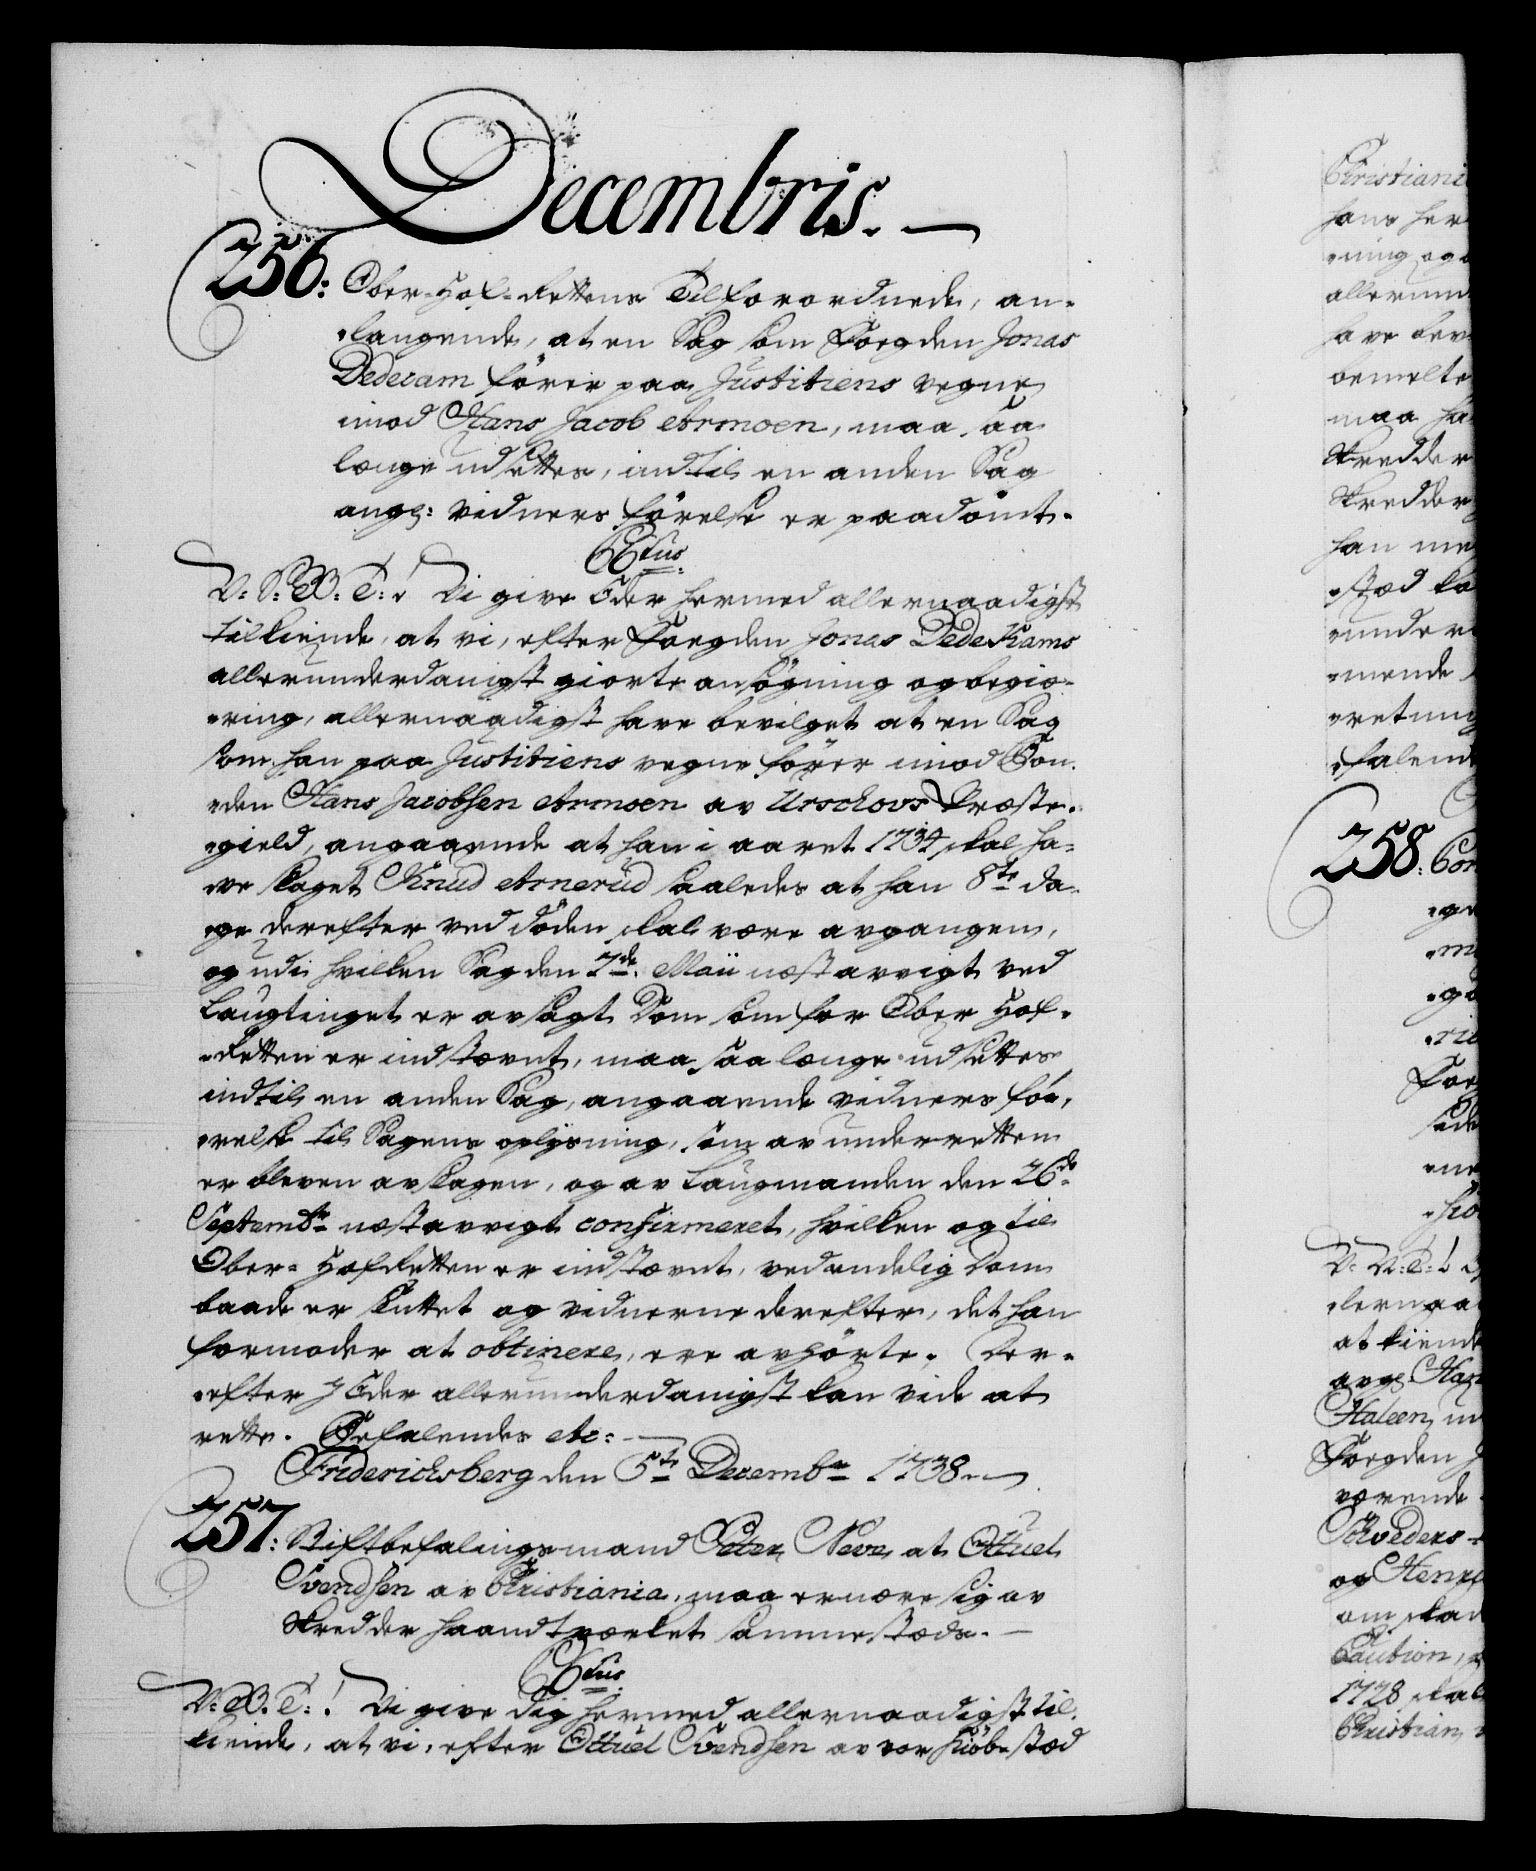 RA, Danske Kanselli 1572-1799, F/Fc/Fca/Fcab/L0028: Norske tegnelser, 1738-1740, s. 183b